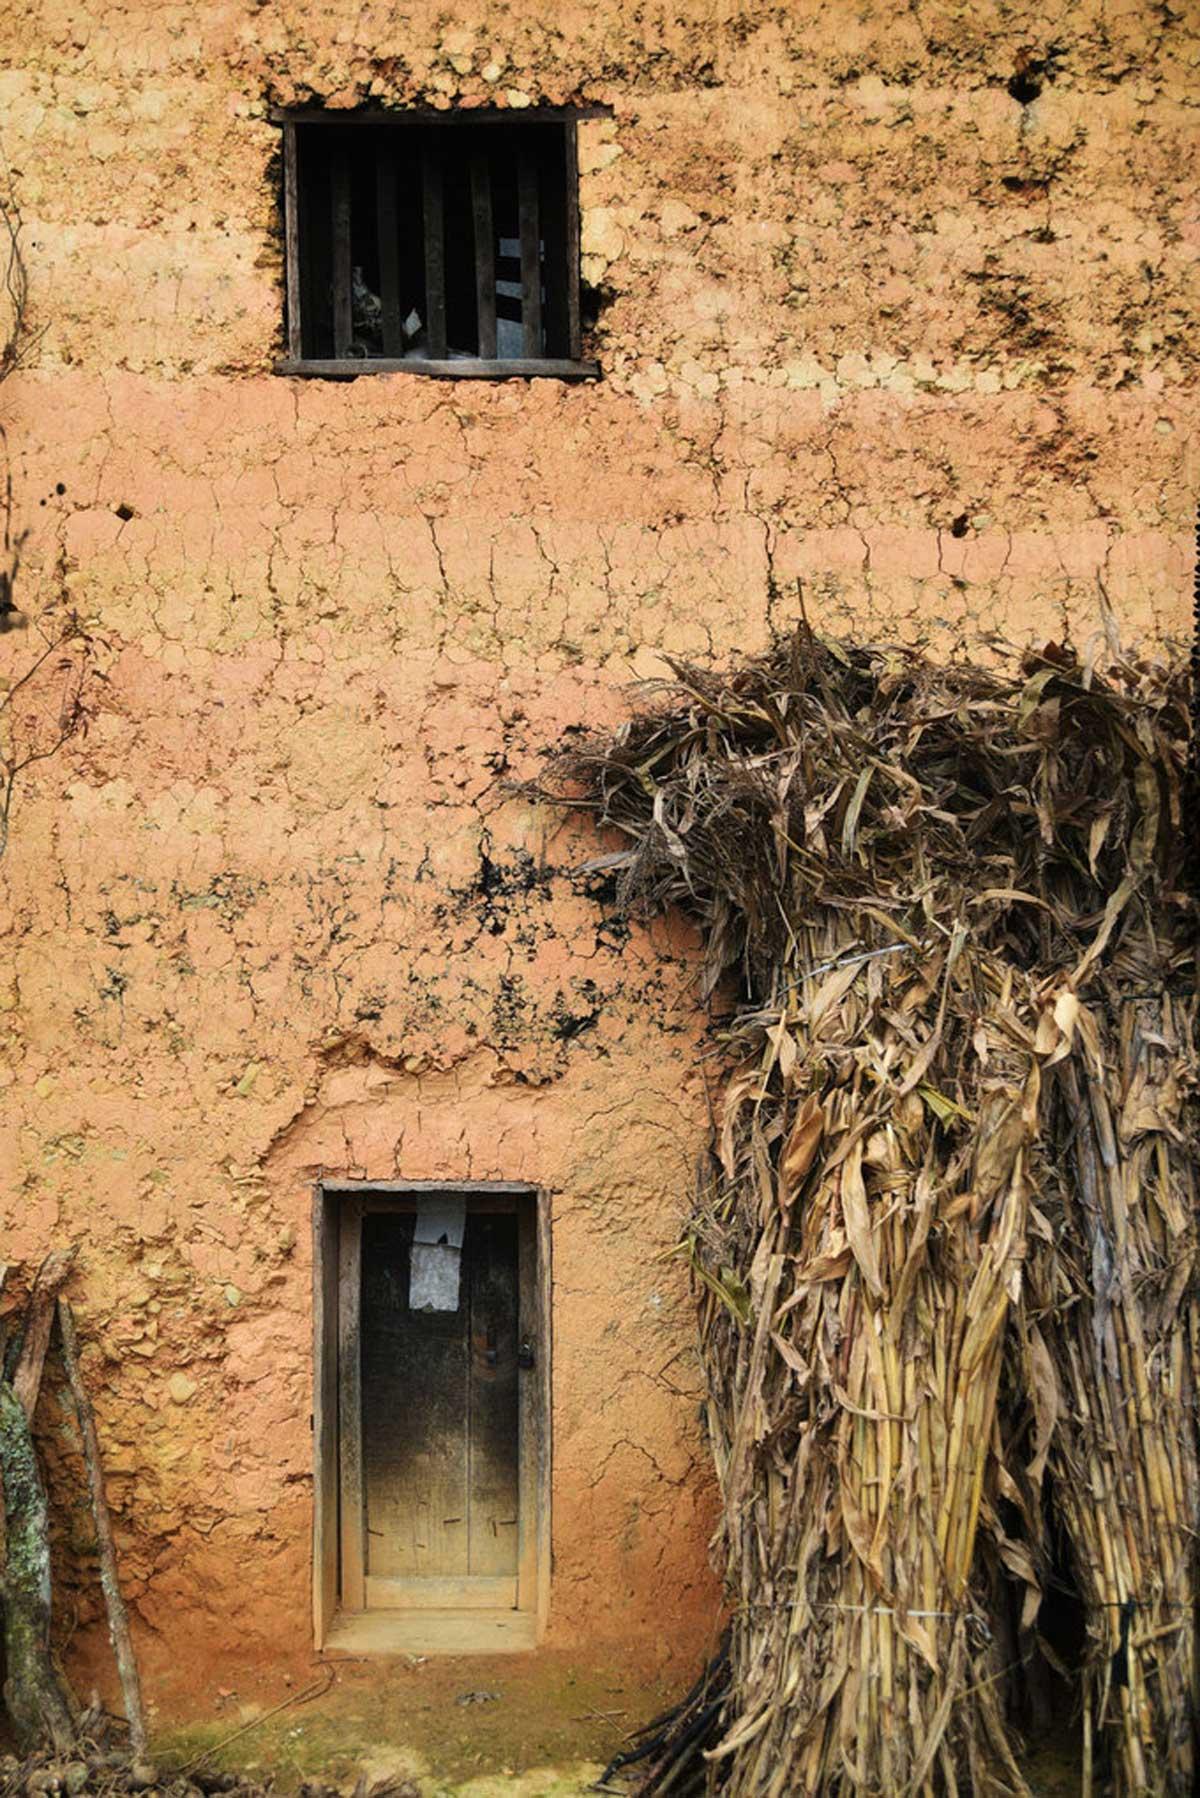 Mùa xuân, Phố Trồ, thung lũng, bức tranh sơn thủy, nhà bao quanh hồ, Hà Giang